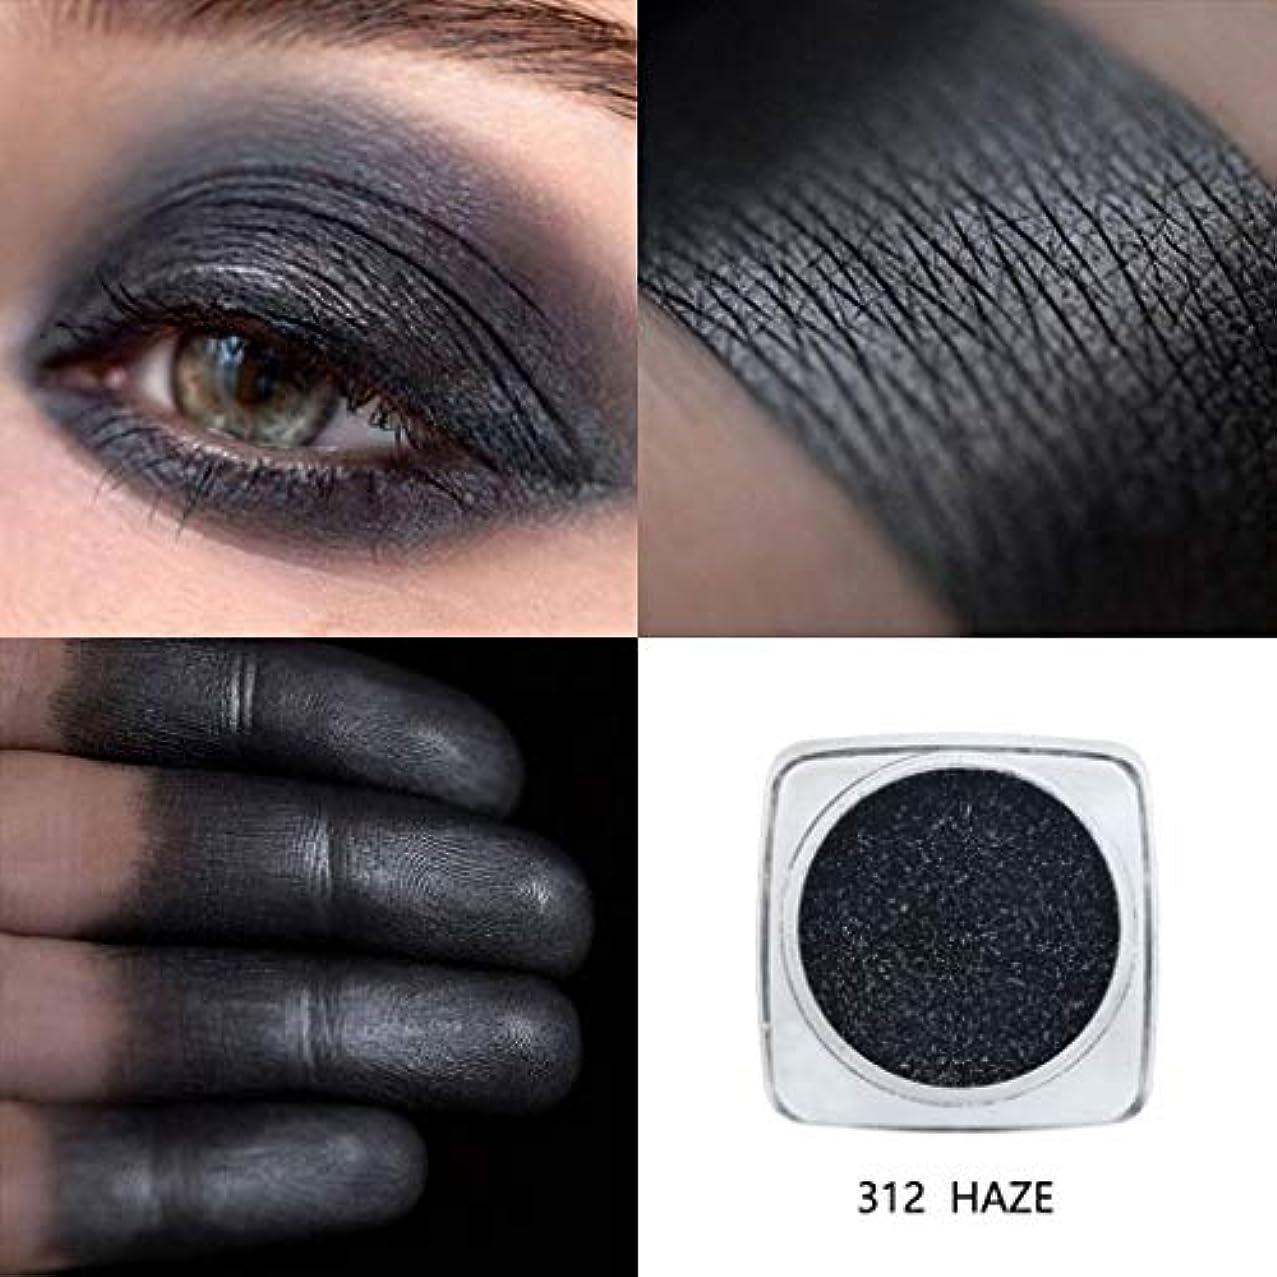 振りかけるフラスコ機械的にAkane アイシャドウパレット PHOERA ファッション 美しい 魅力的 キラキラ ひとつだけ 高級 単なる 綺麗 素敵 持ち便利 日常 Eye Shadow (12色)